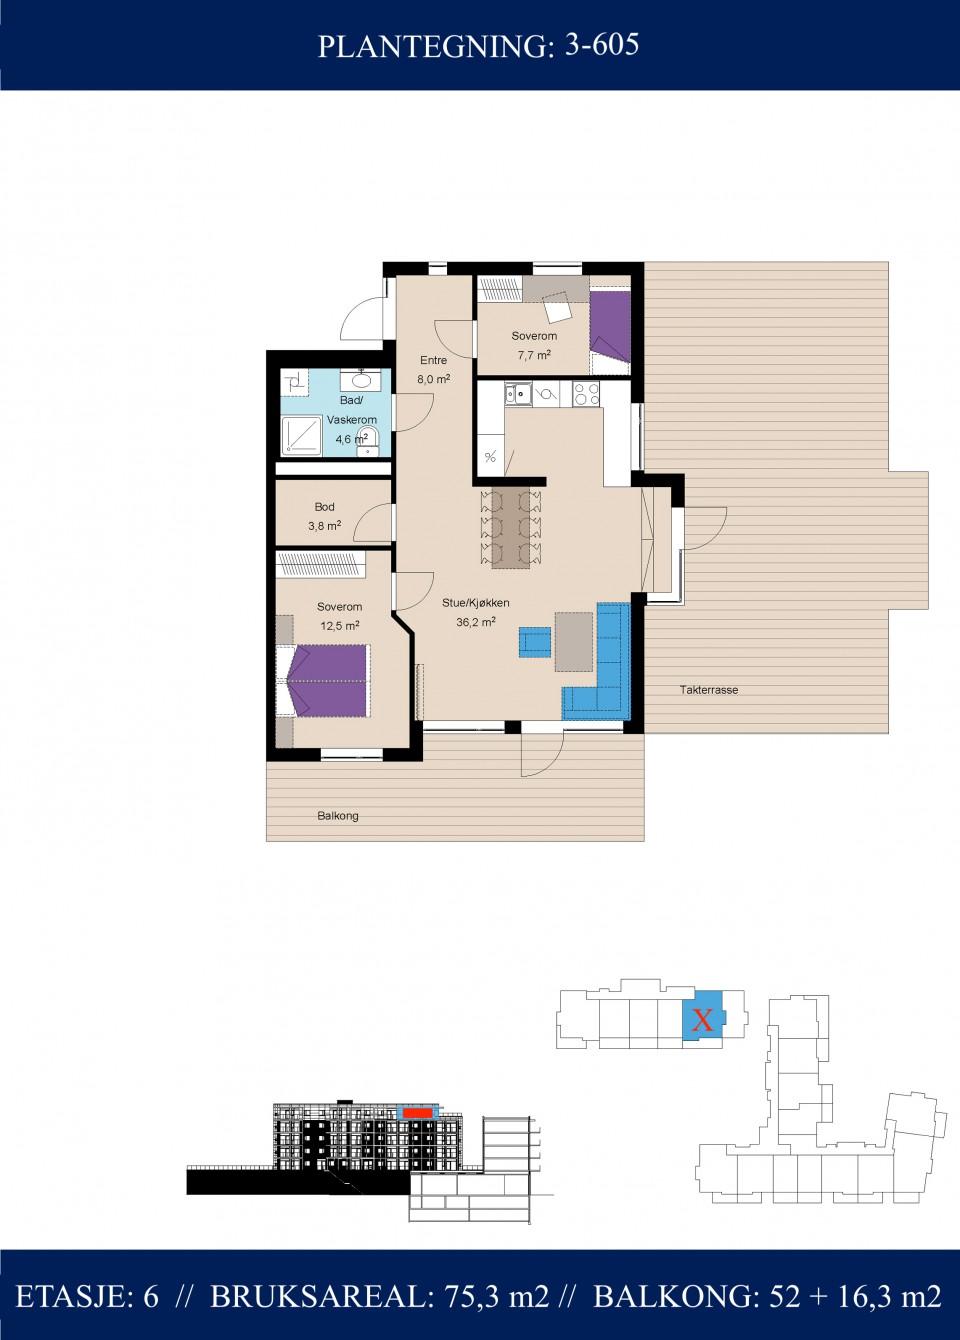 3-605-753-m2-stor-balkong.jpg